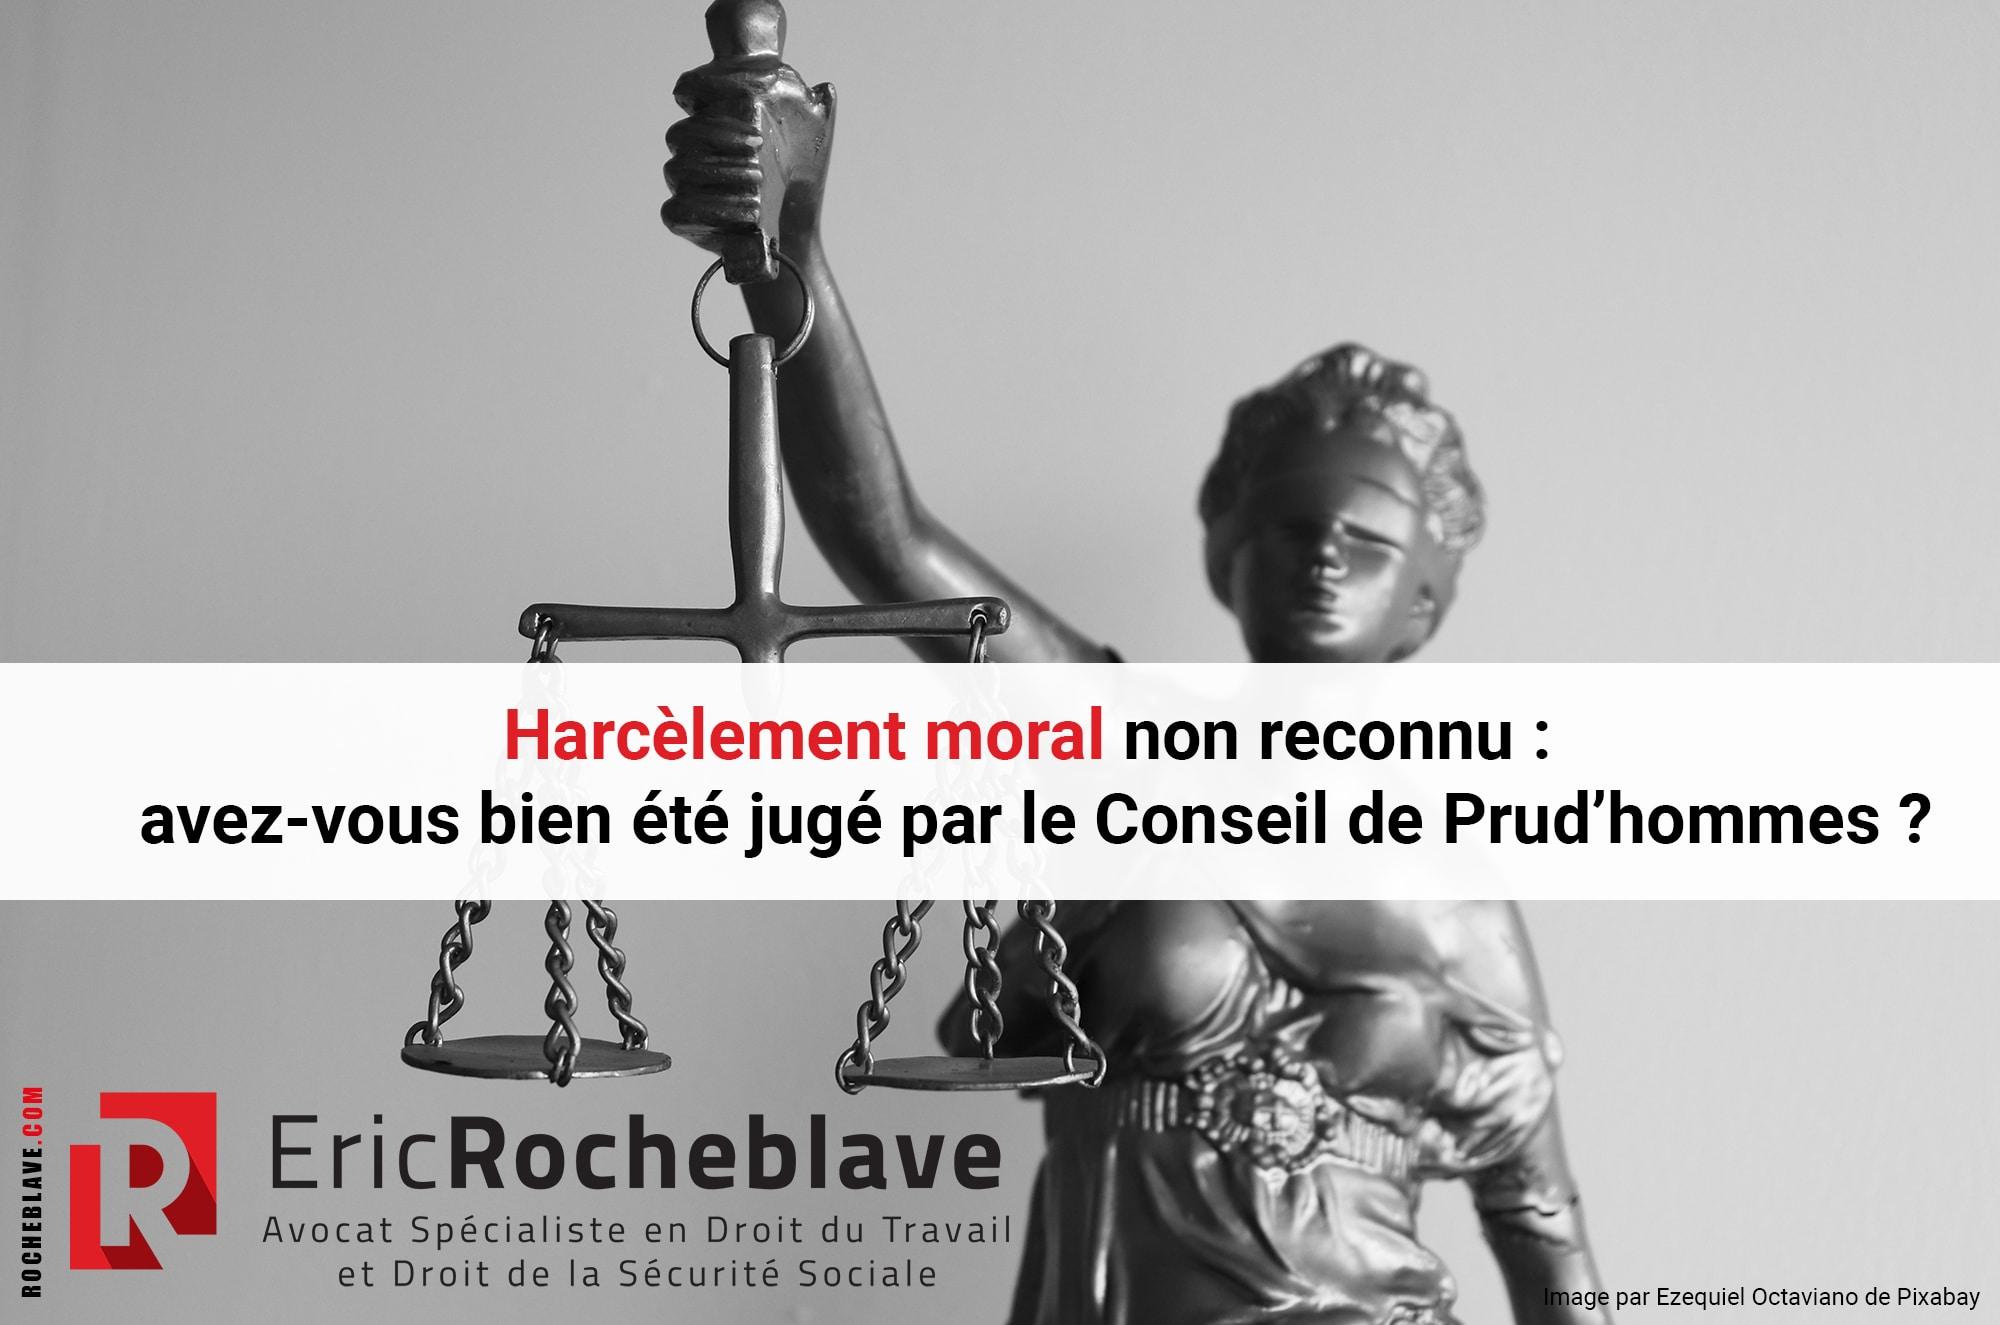 Harcèlement moral non reconnu : avez-vous bien été jugé par le Conseil de Prud'hommes ?